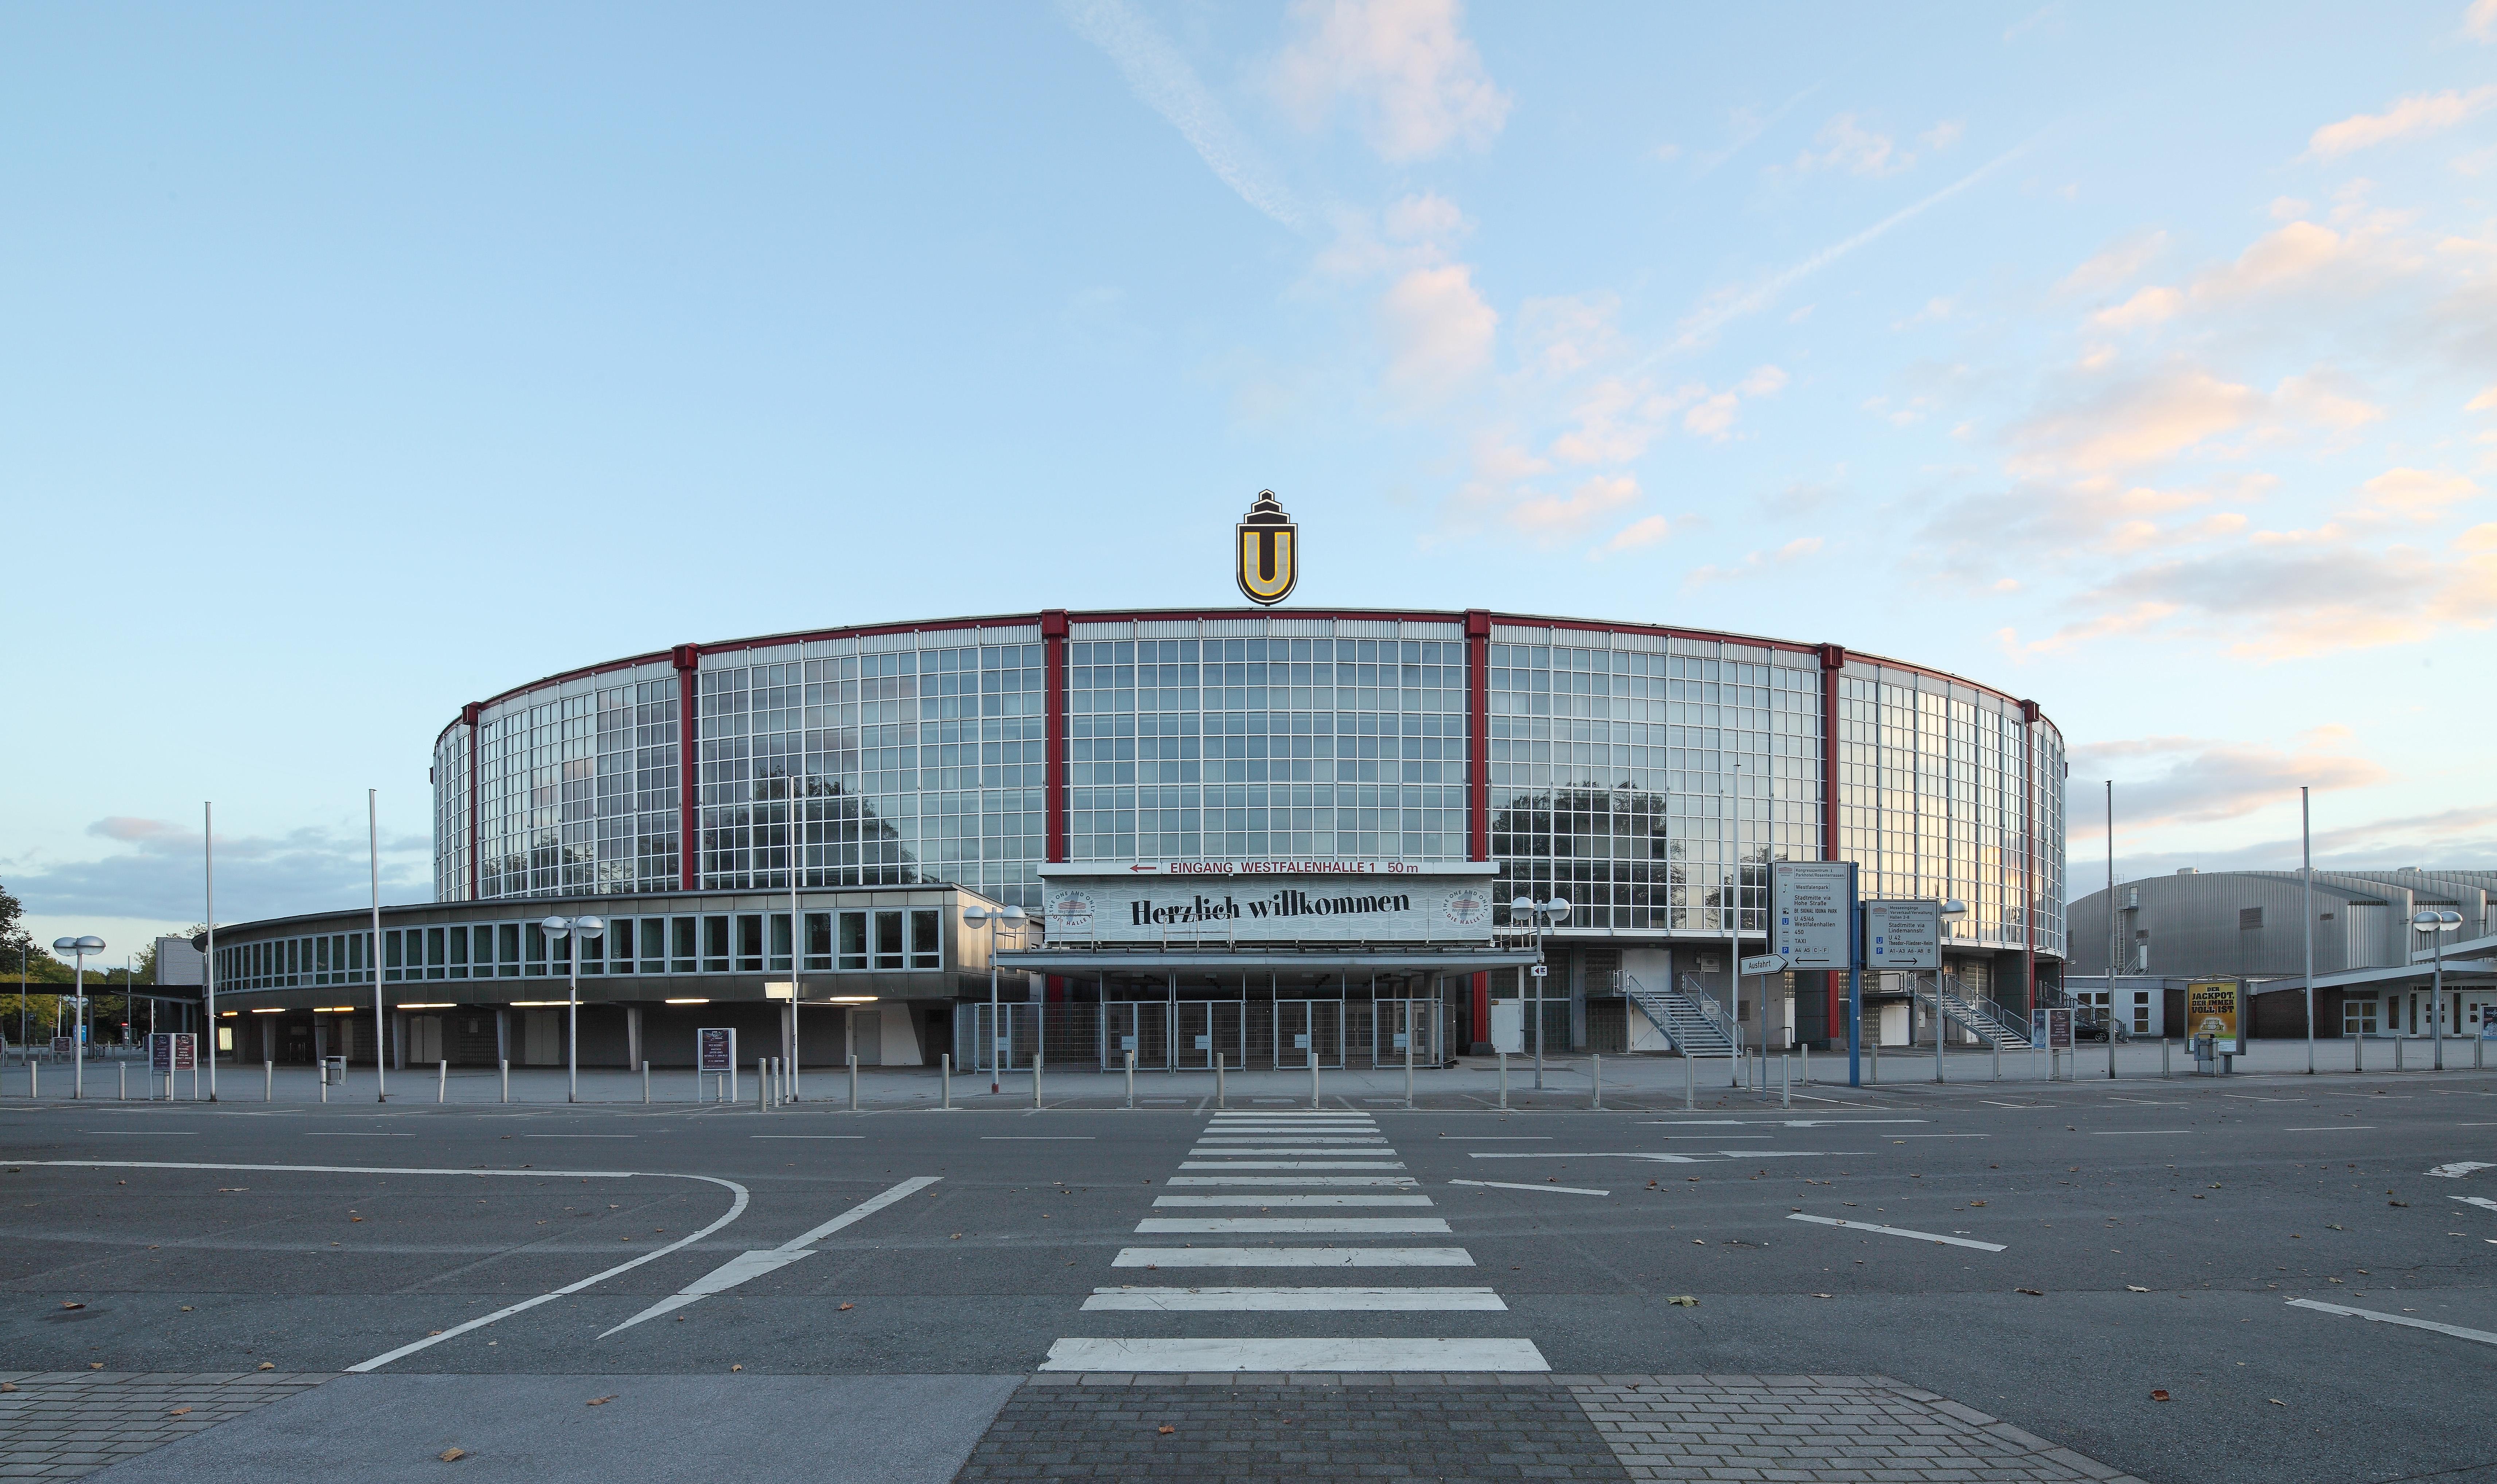 Se Dortmund Г¶ffnungszeiten